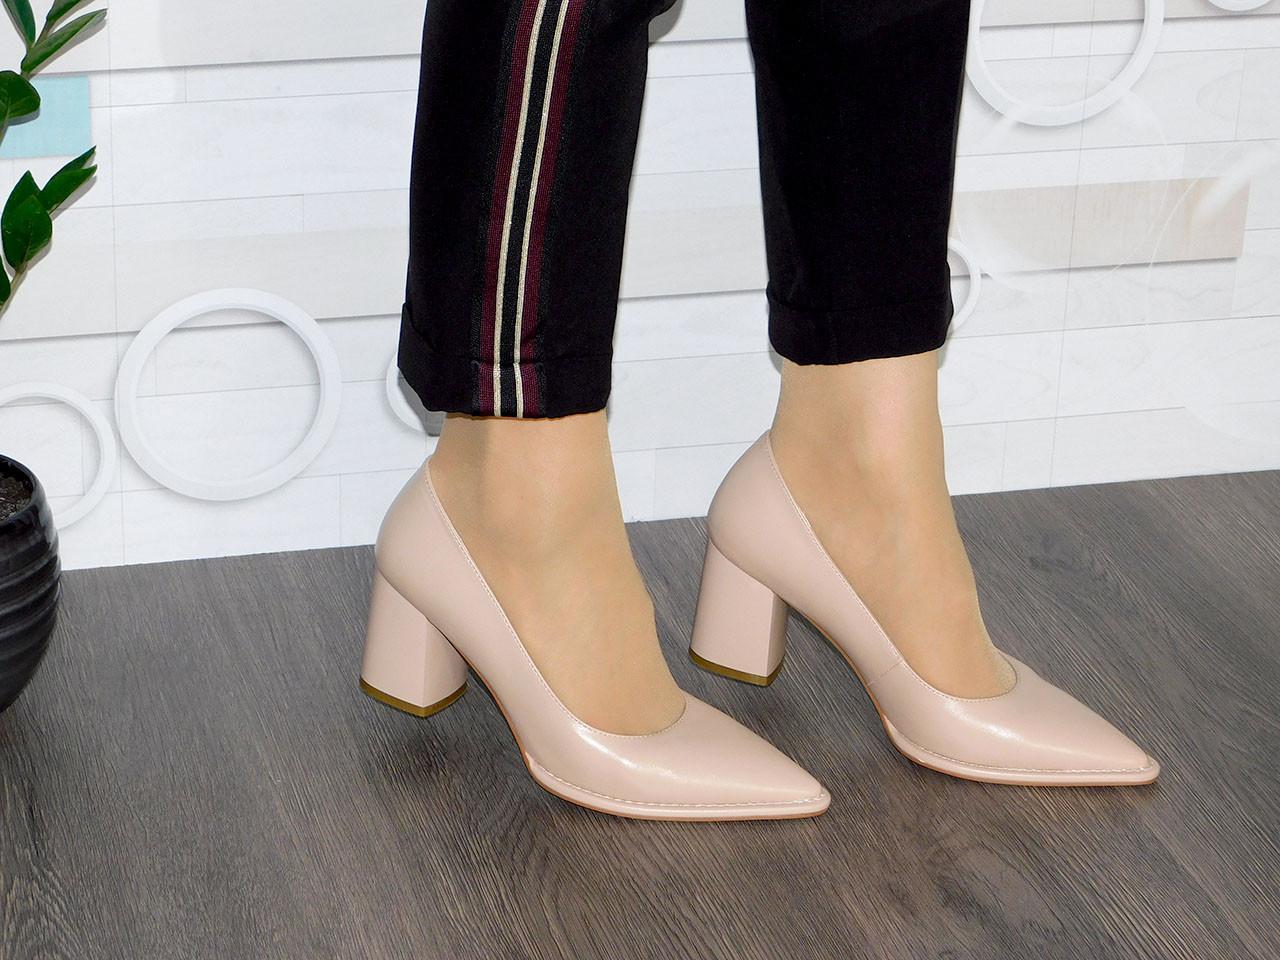 Стильні бежеві туфлі на зручному каблуку жіночі